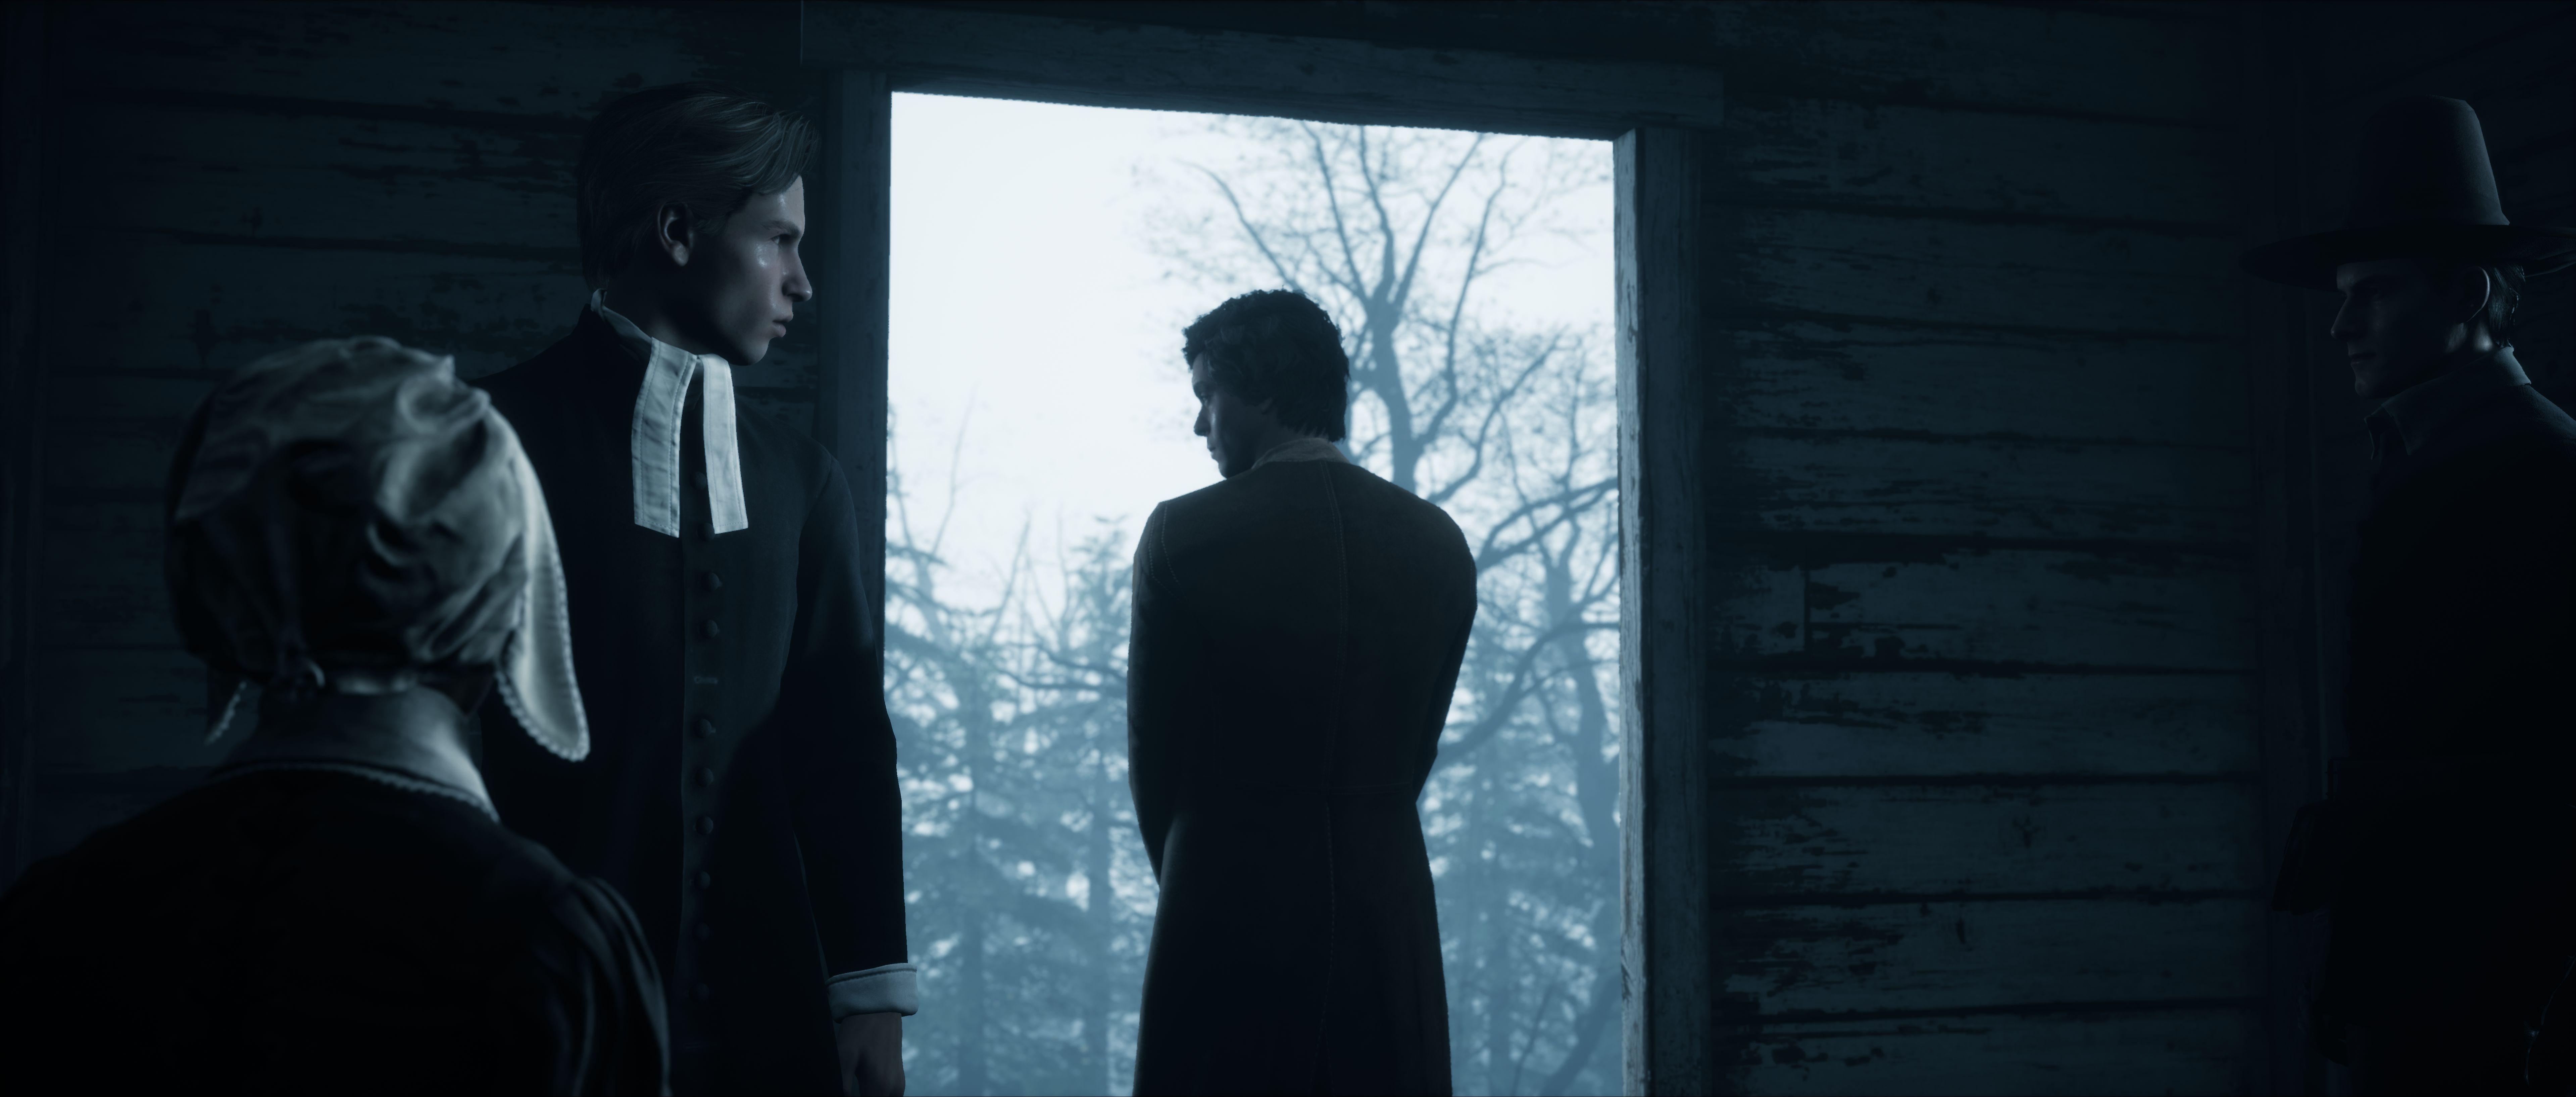 Синопсис и первые скриншоты The Dark Pictures: Little Hope